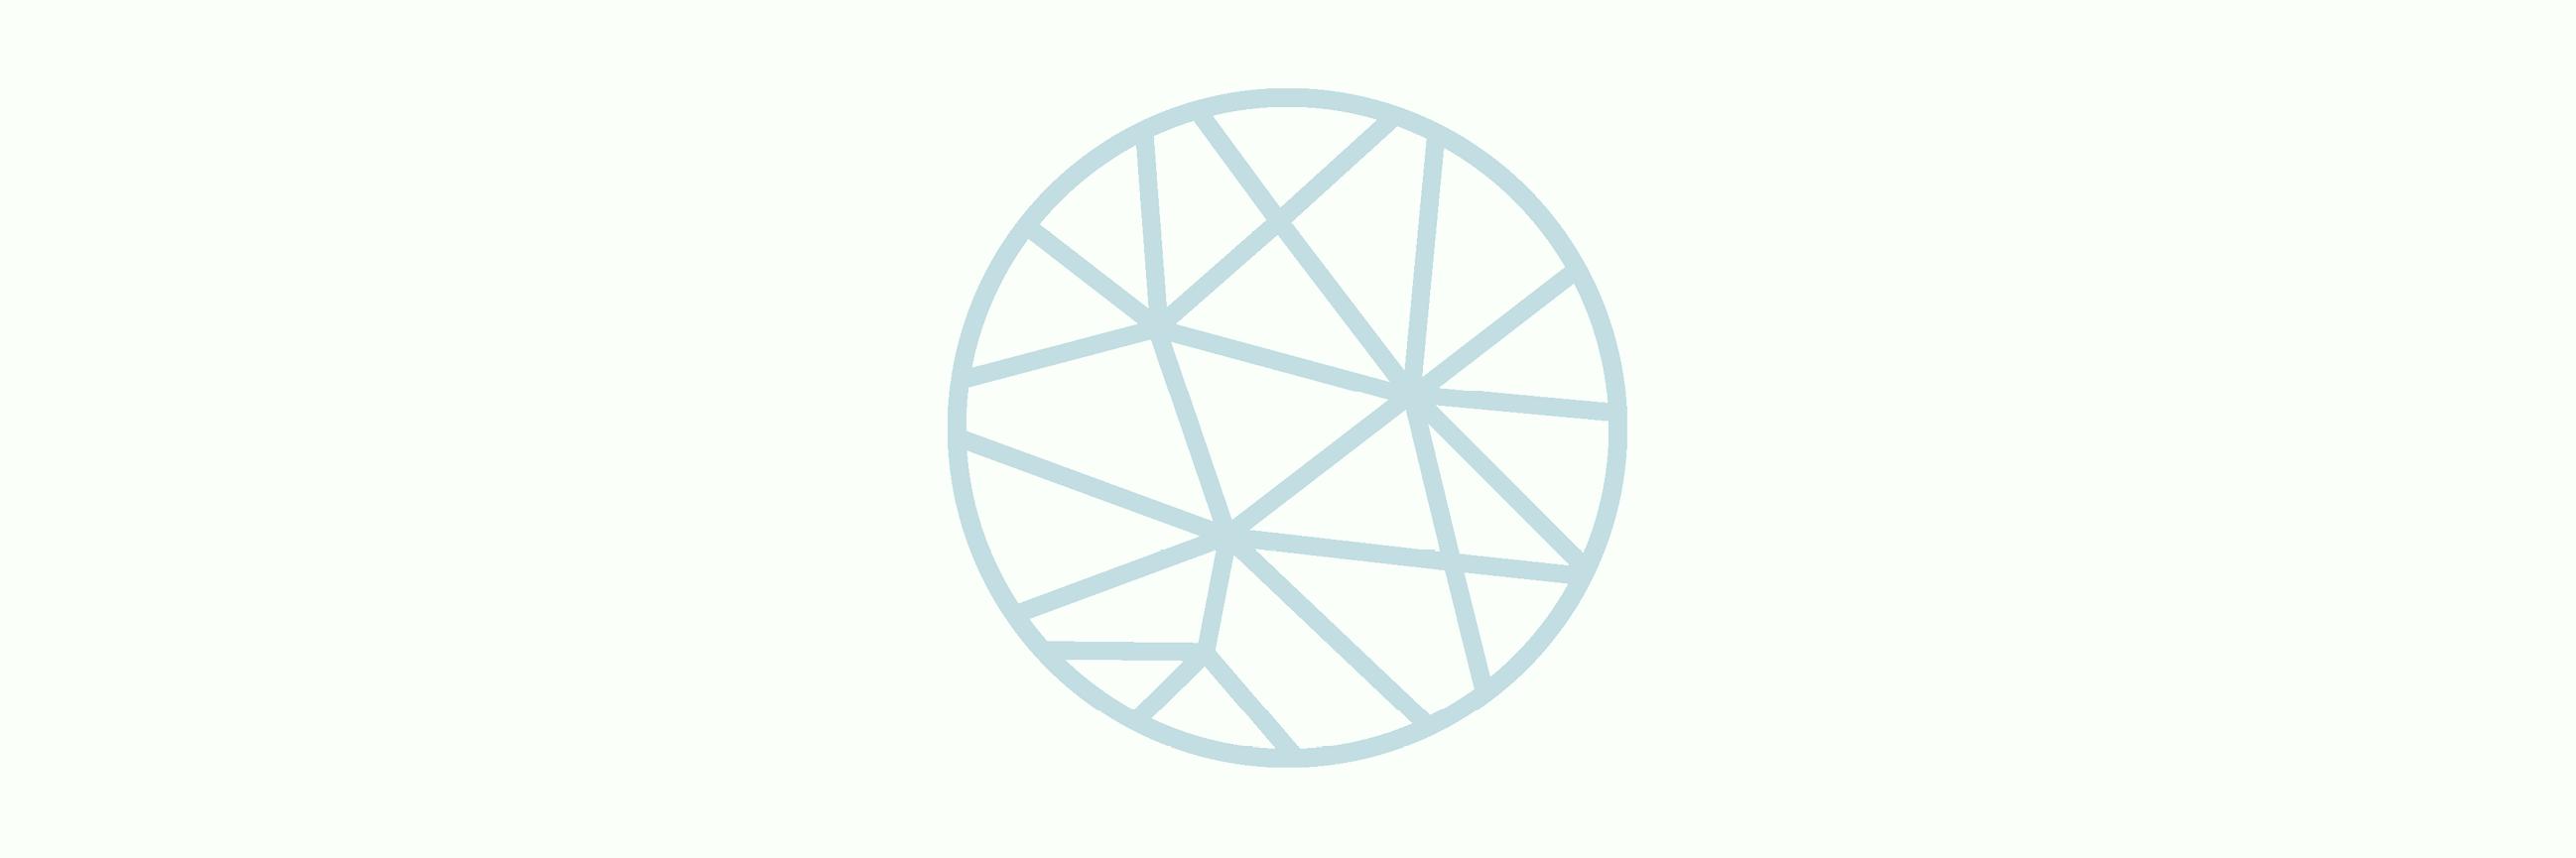 abadir_relational_design_dizionario_header